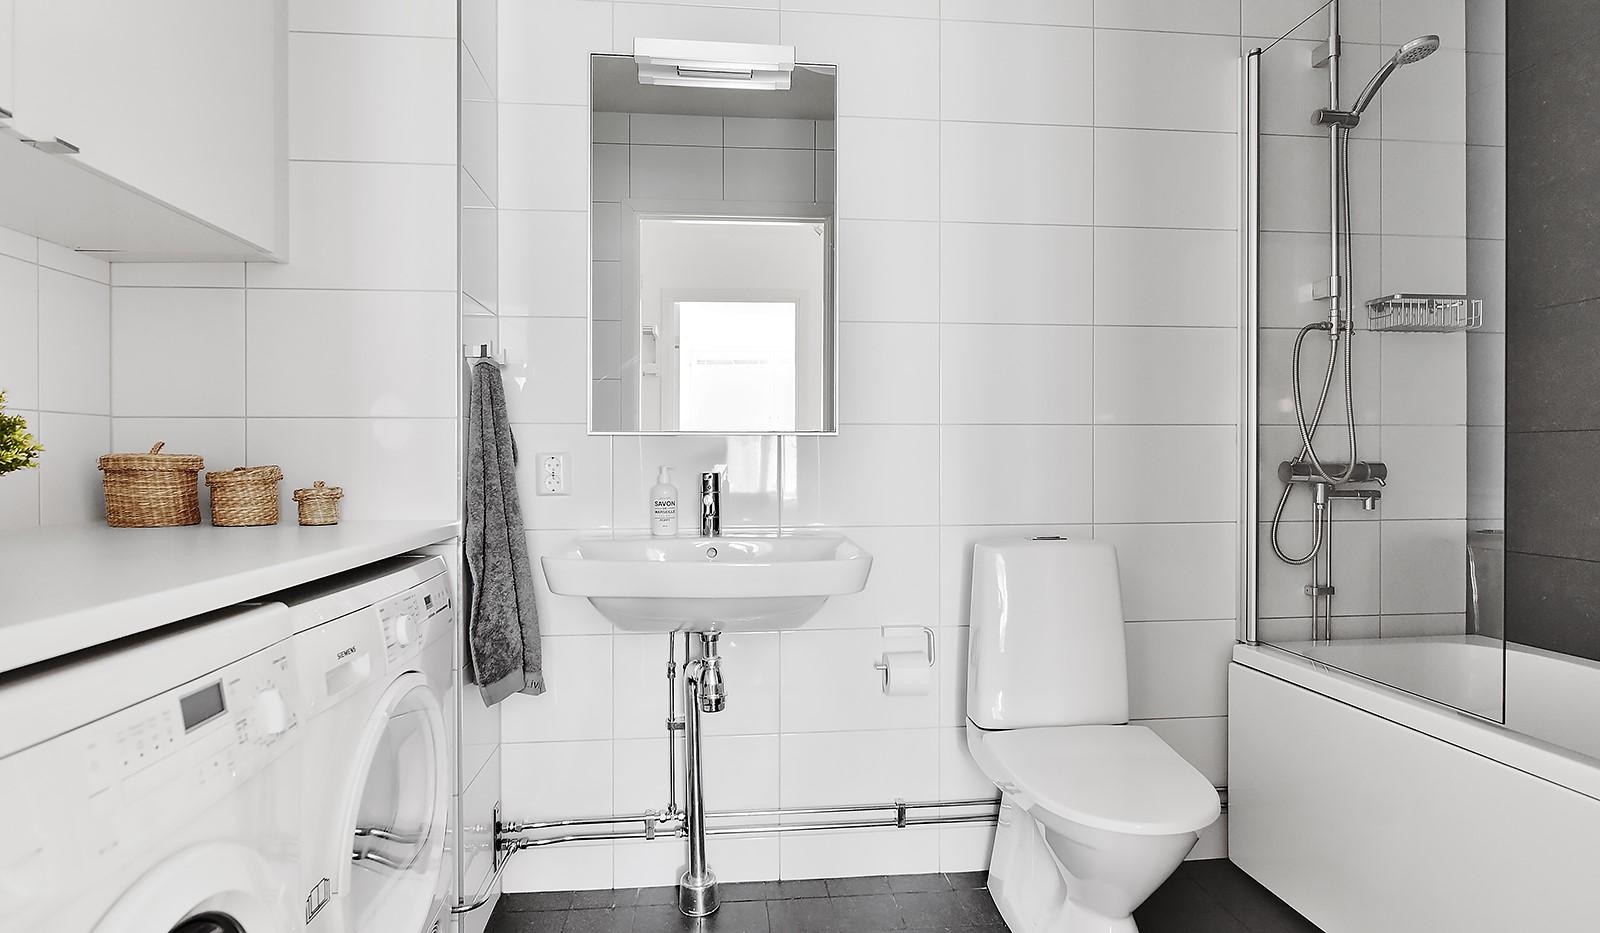 Sturehillsvägen 44, Entréplan - Helkaklat badrum med tvättavdelning och golvvärme